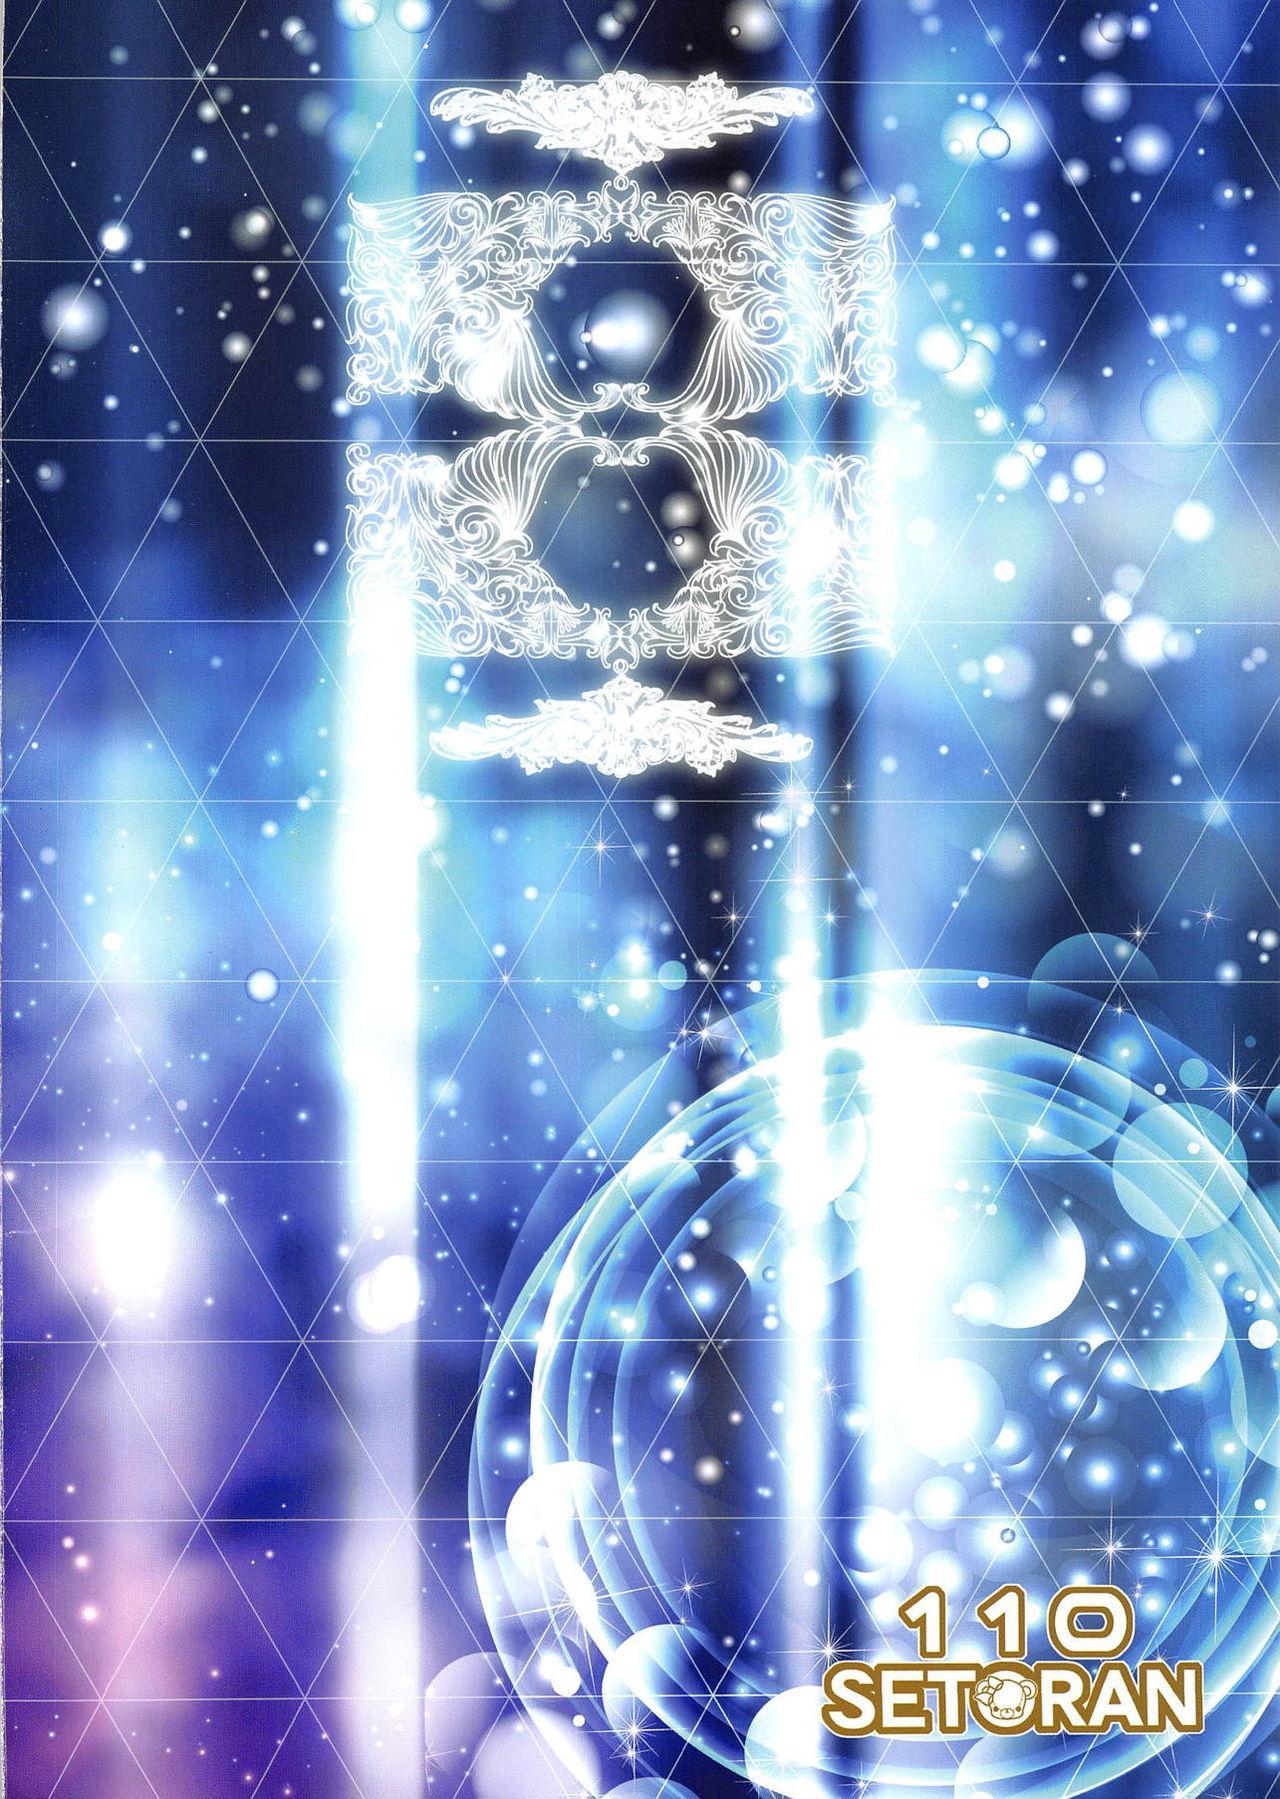 (C95) [Setoran, 110 (Itou Seto, Tanno Ran)] Goshujin-sama, Amaama H no Ojikan desu -Milk Maid-chou Mama ni Naru- (Azur Lane) 1